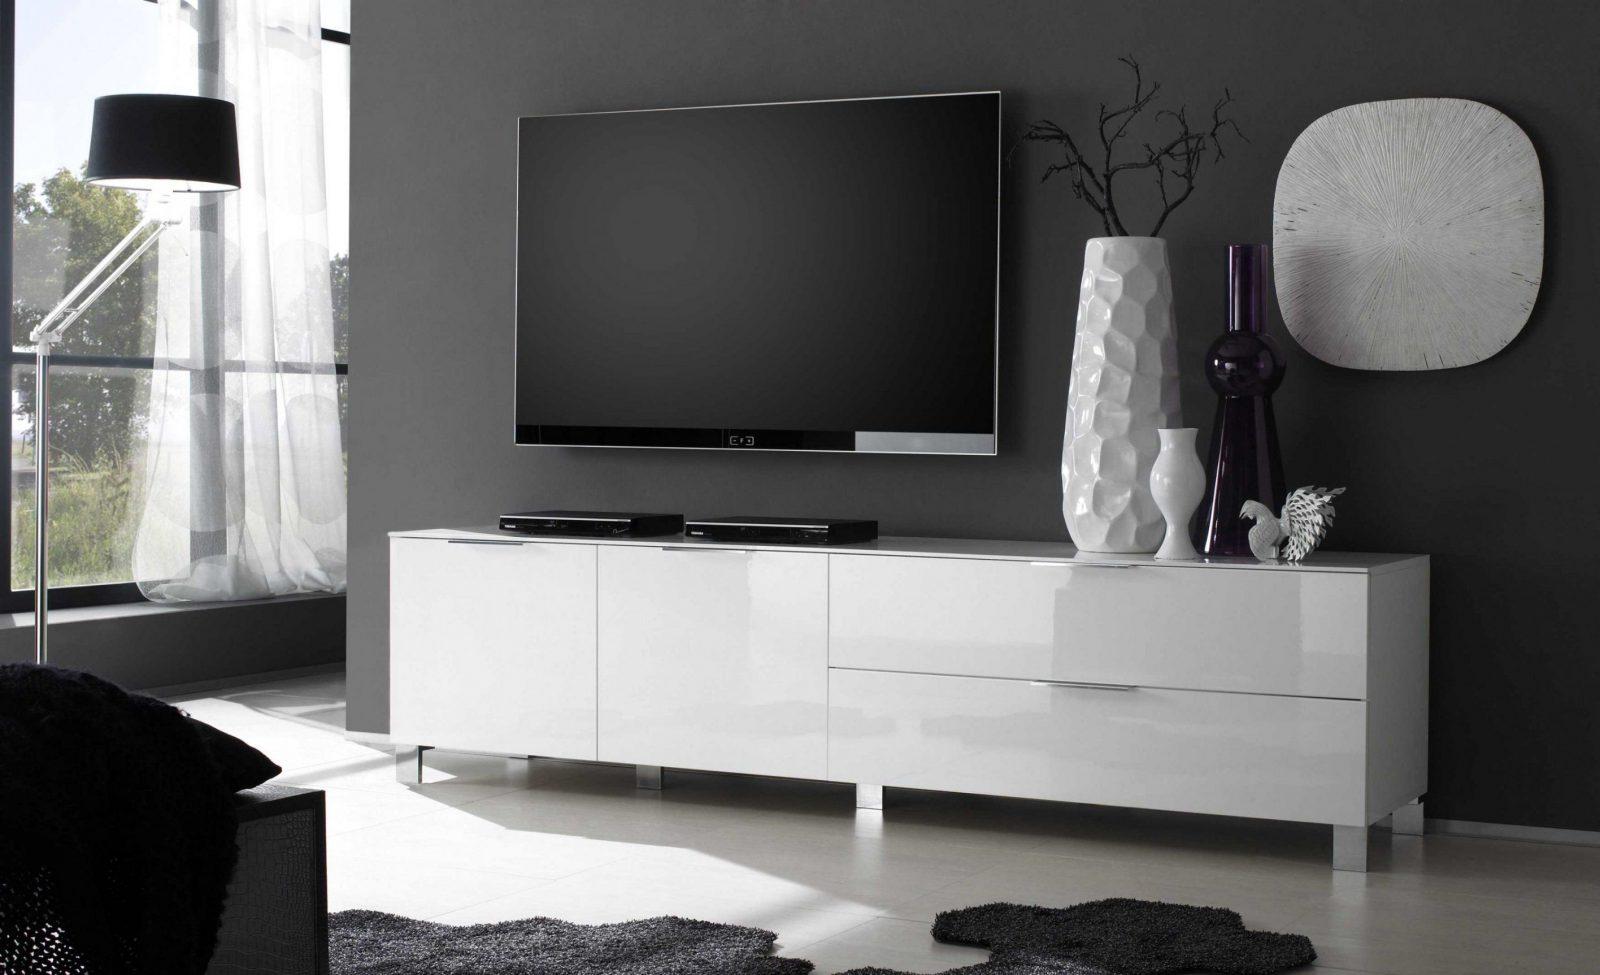 Fabelhaft Lowboard Weiß Hochglanz 3M Zum Wohnzimmer Lowboard von Lowboard Weiß Hochglanz 3M Photo